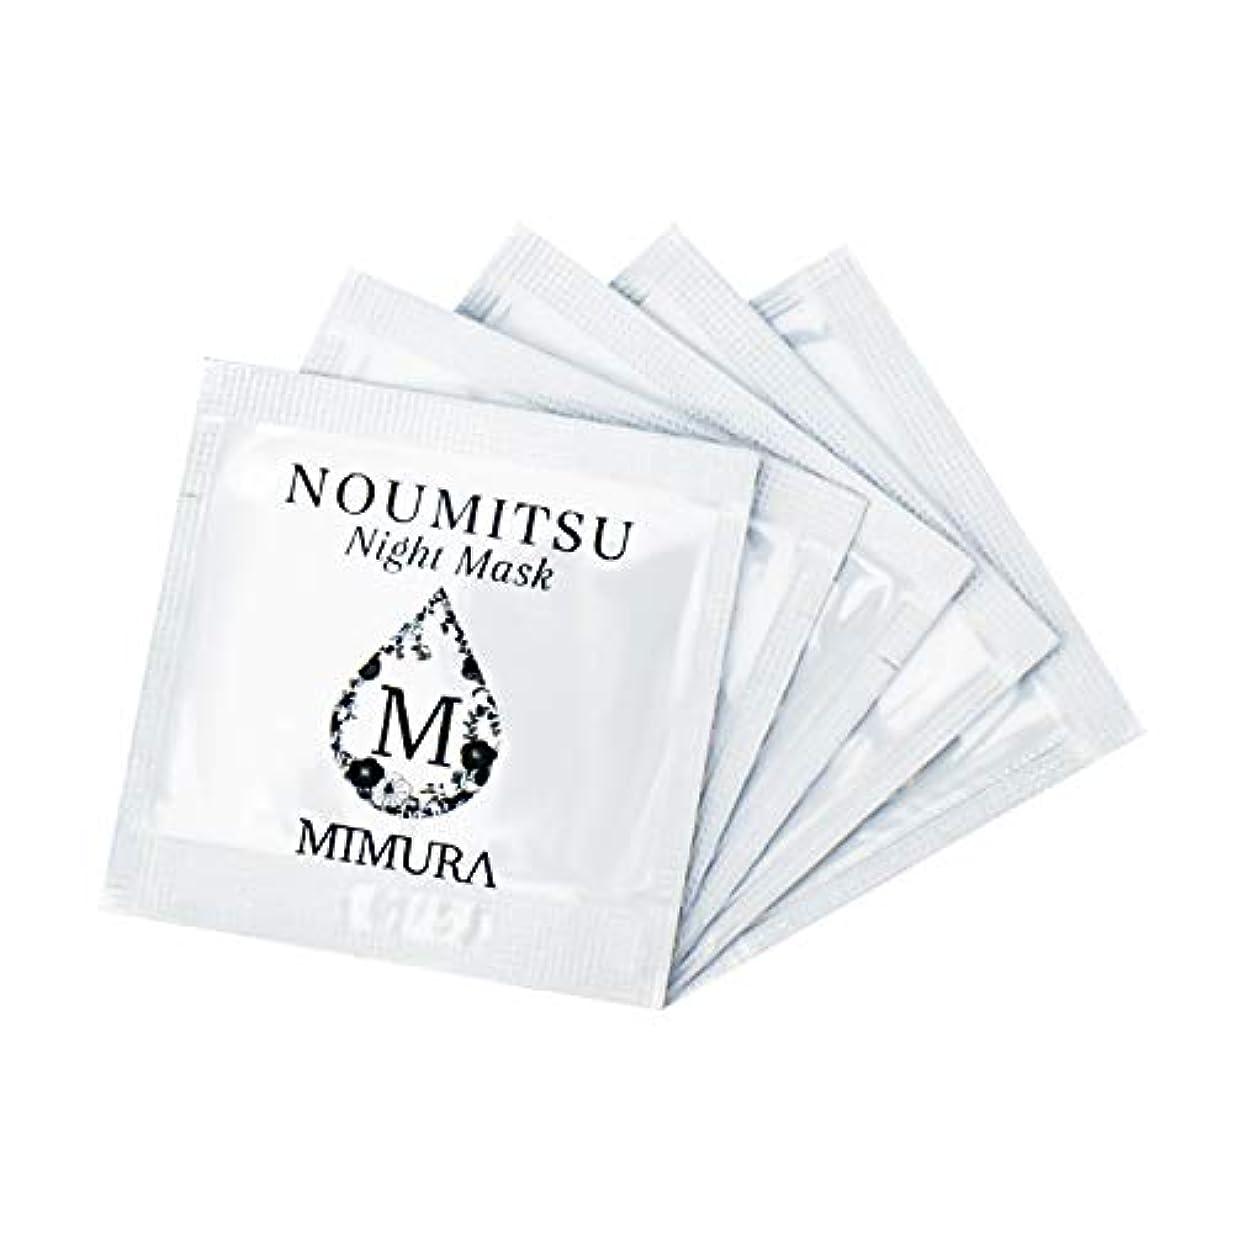 銛現実的フライトナイトケアクリーム 保湿 顔 用 ミムラ ナイトマスク NOUMITSU 試供品 5個入り ゆうパケット (ポスト投函)での発送となります。 MIMURA 乾燥肌 日本製 ※おひとり様1点、1回限りとなります。